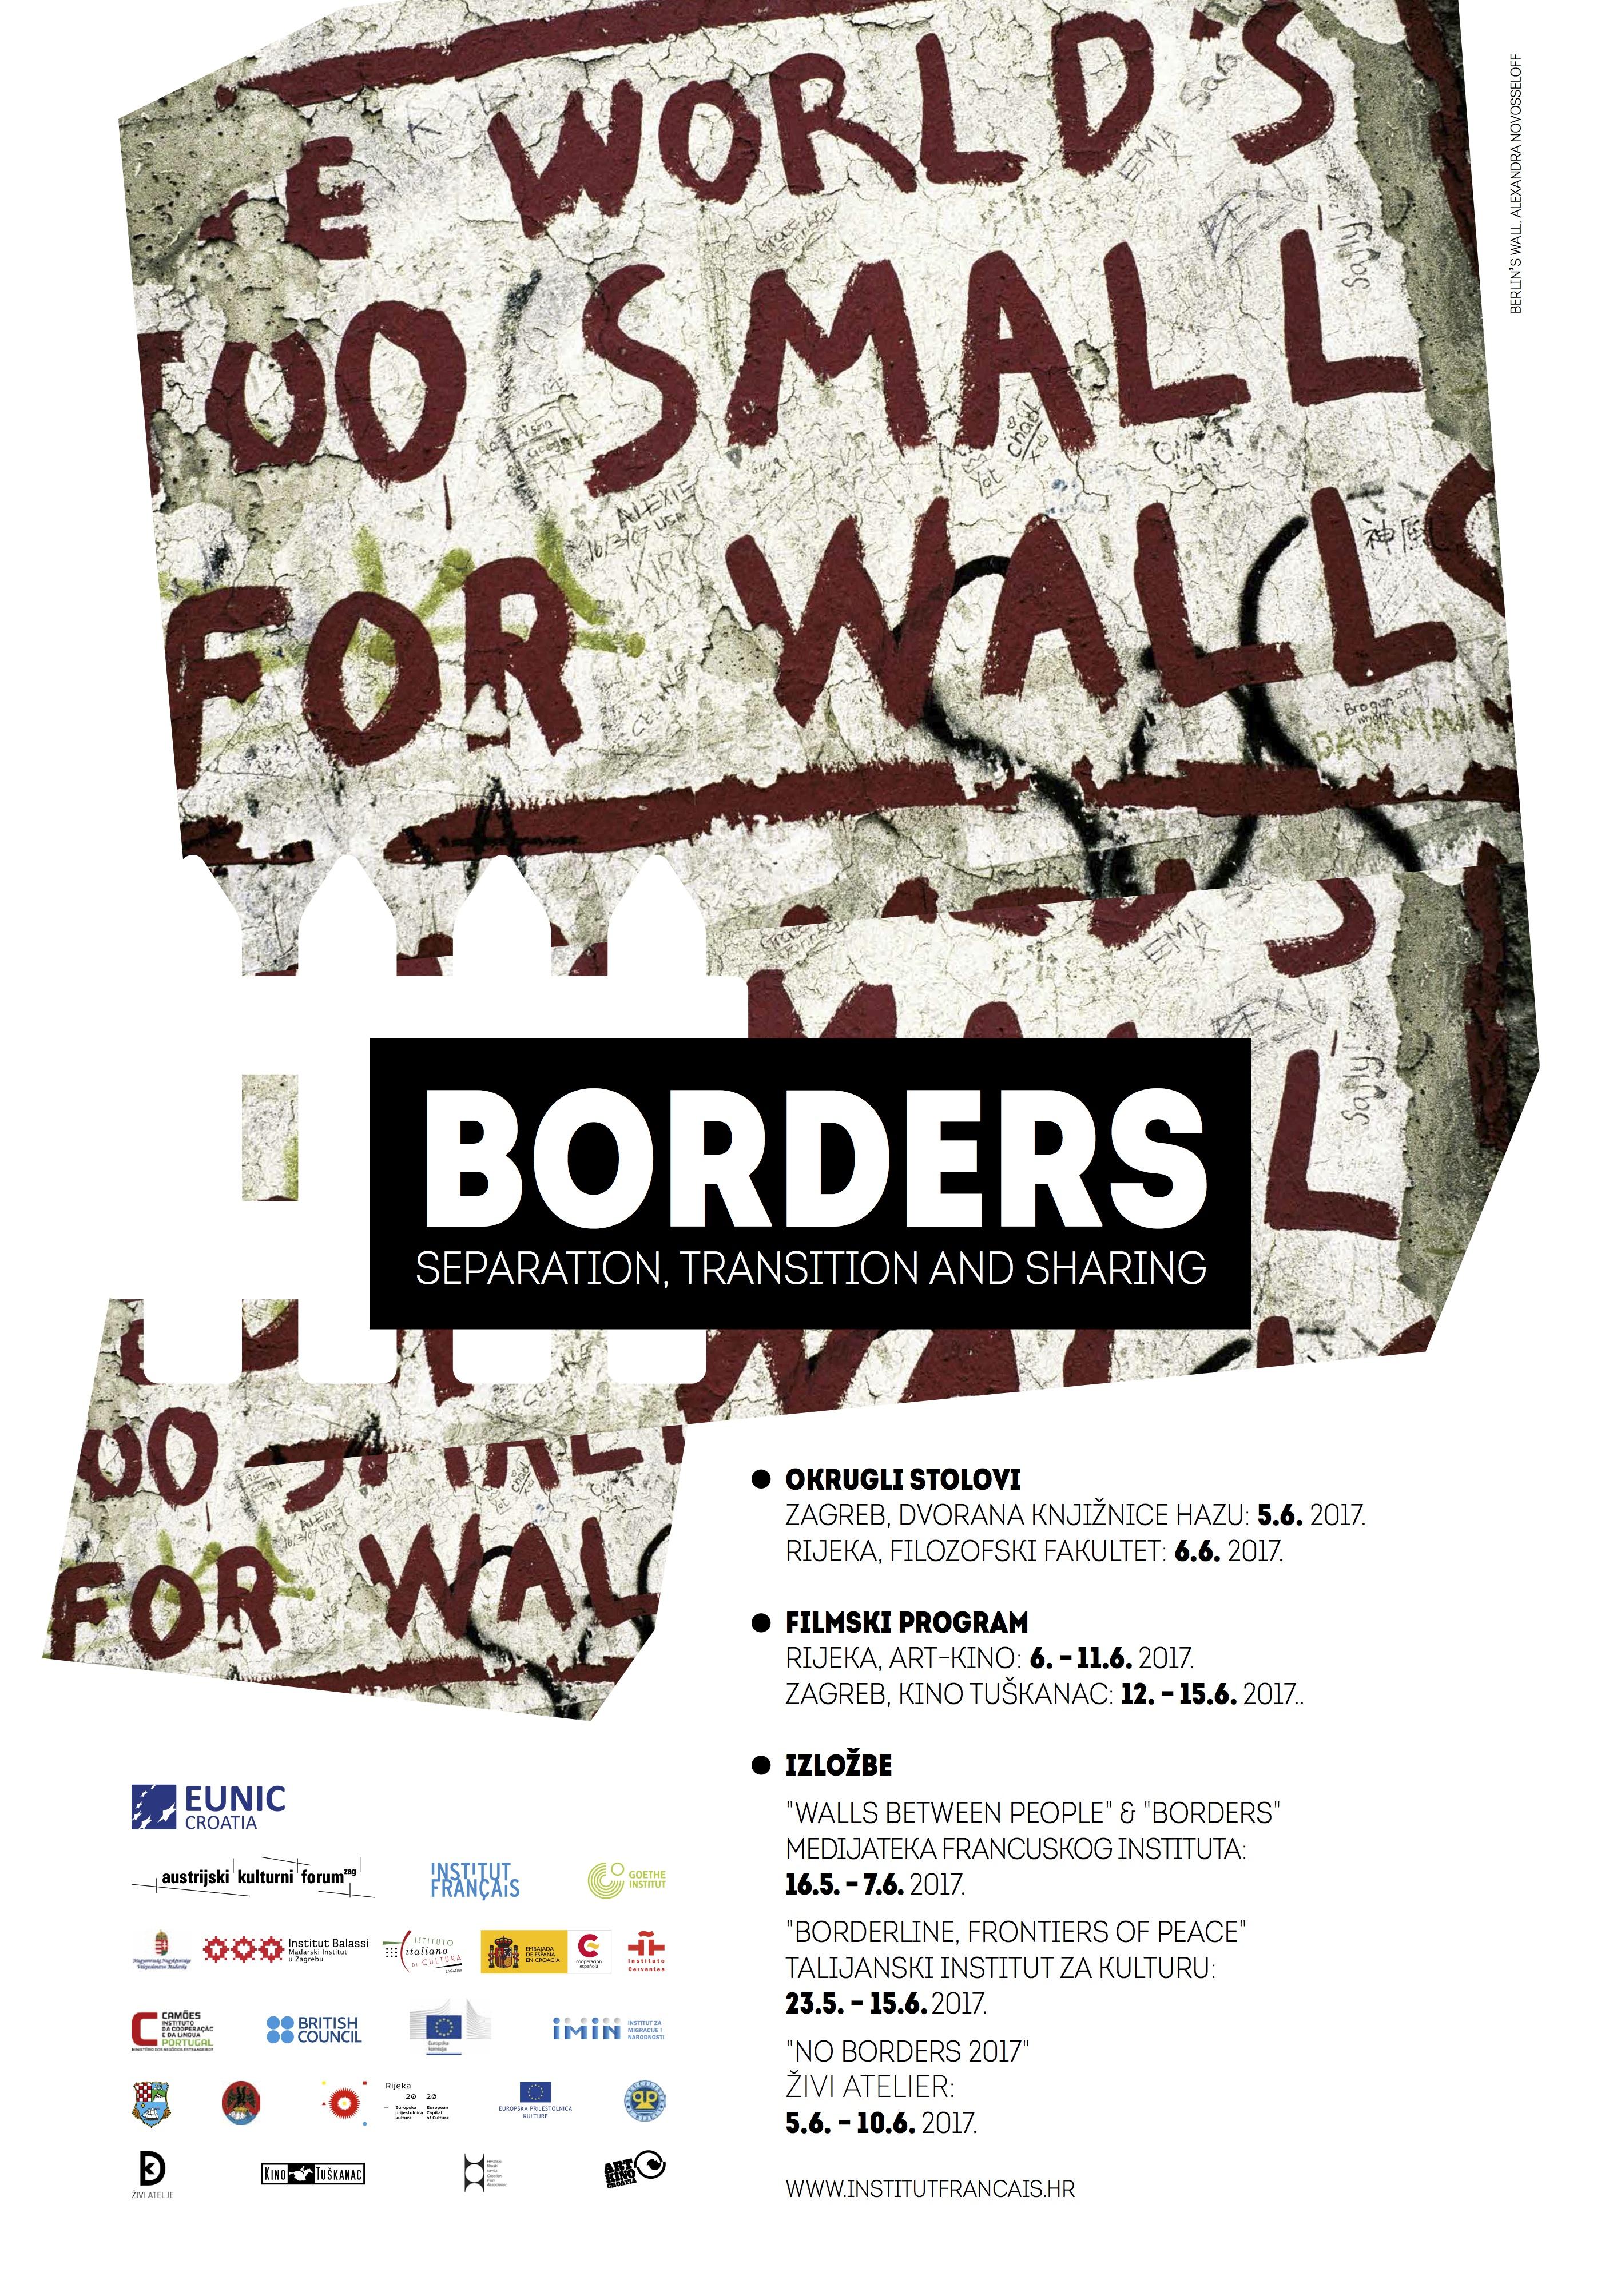 No Borders symposium and exhibition